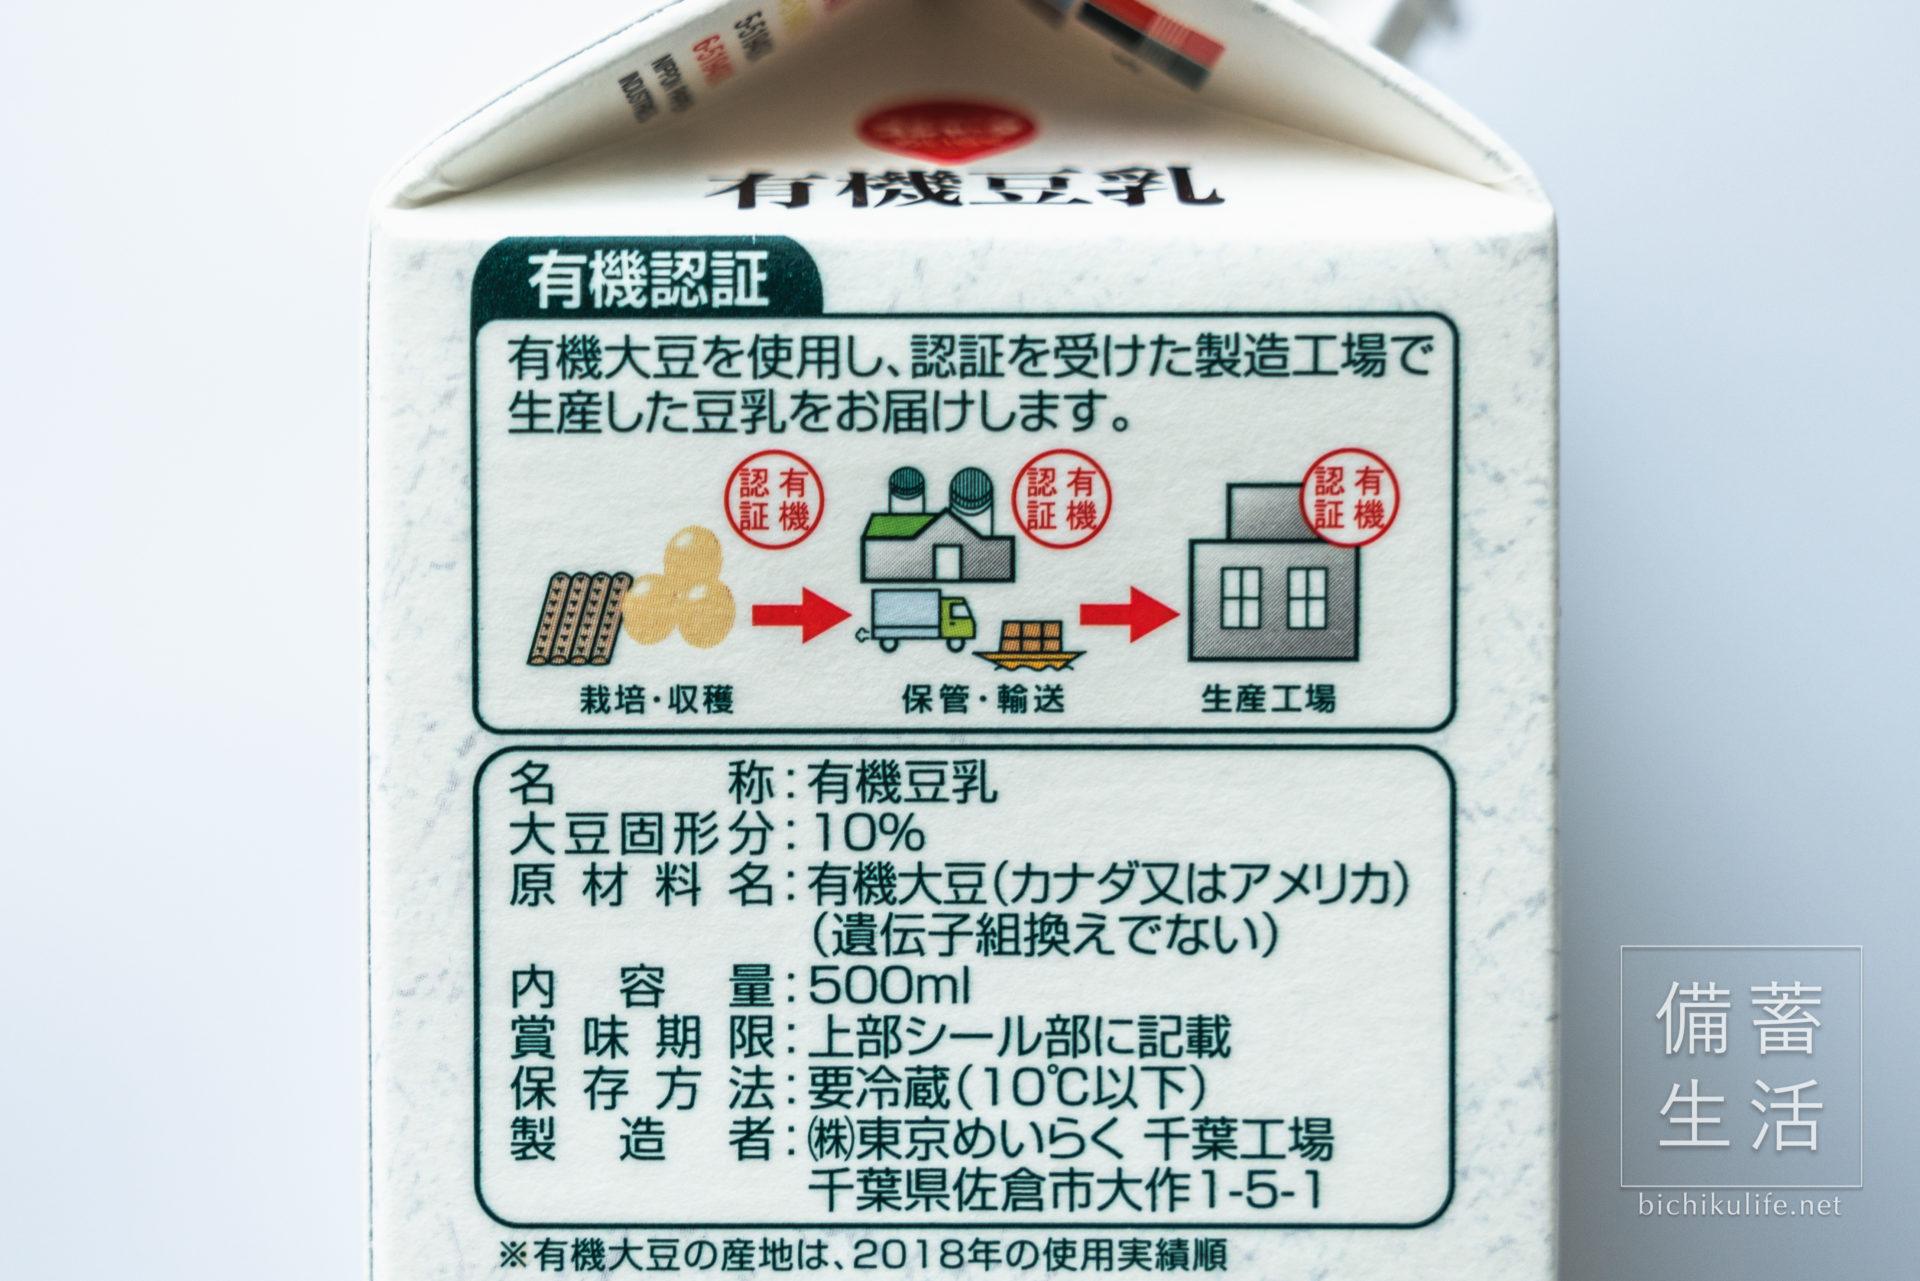 スジャータめいらく 無調整 有機豆乳 商品概要